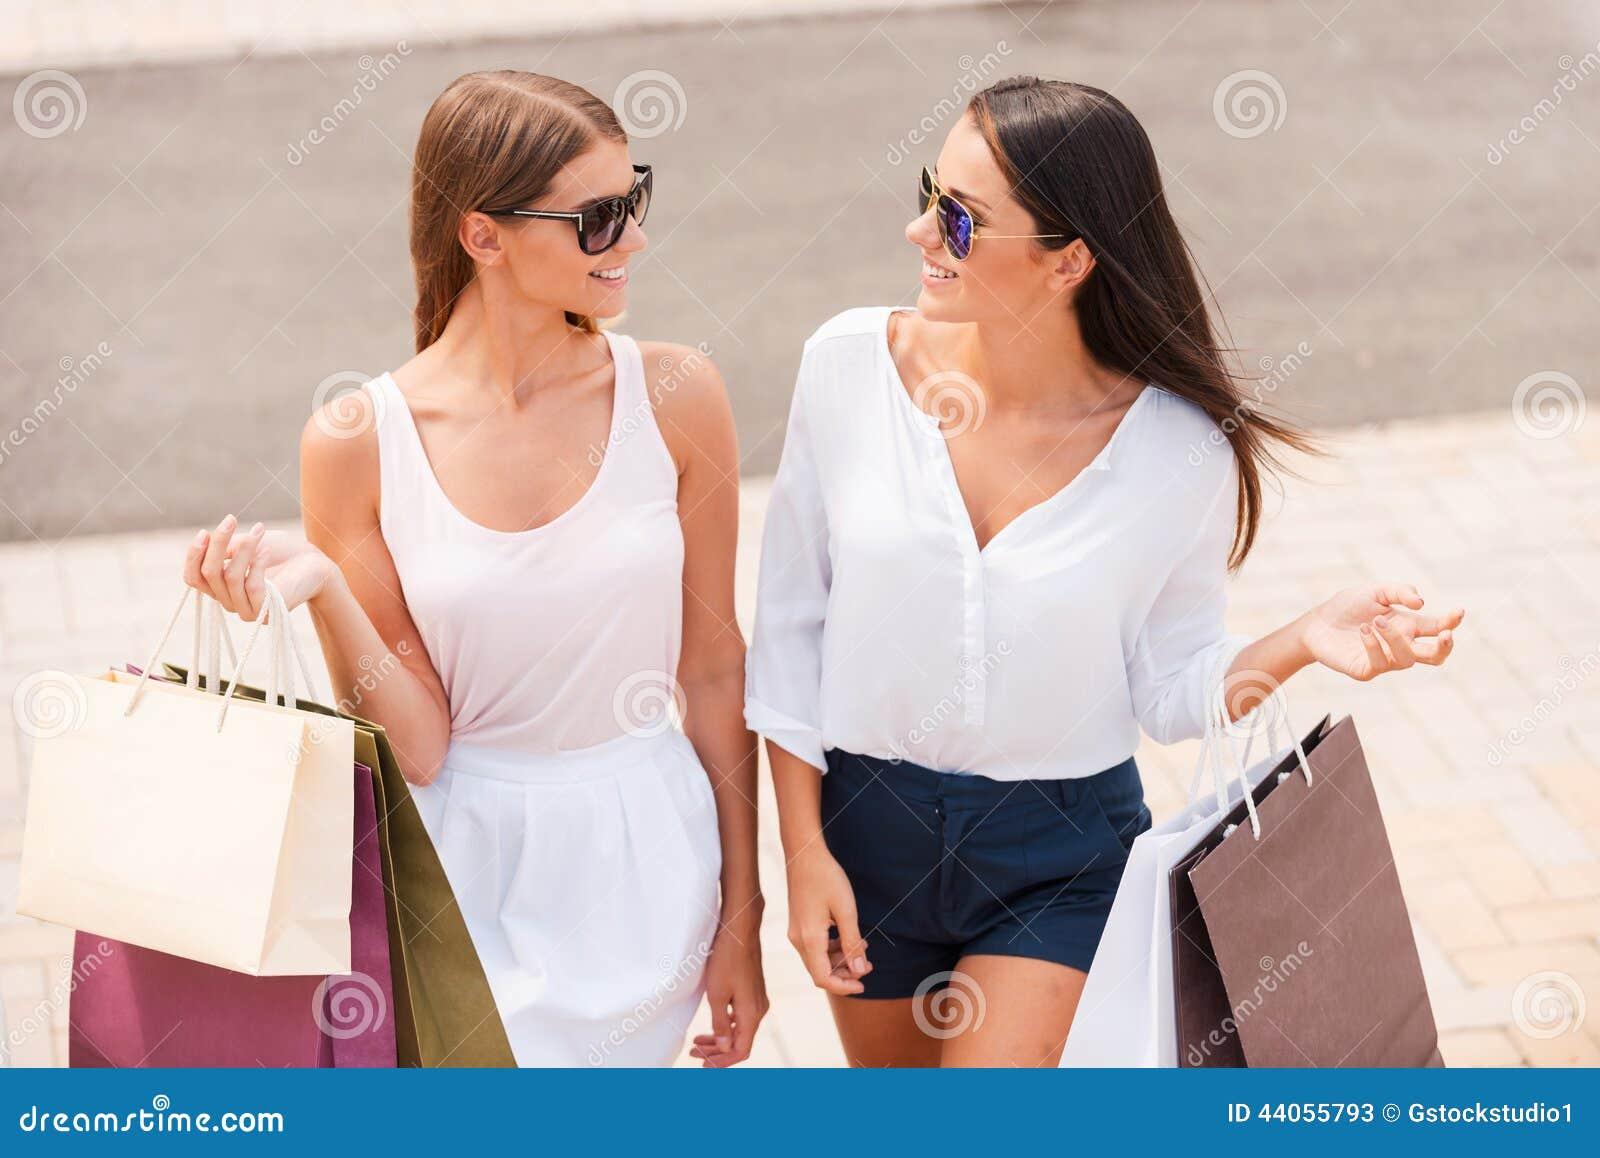 Shopping är den bästa terapin